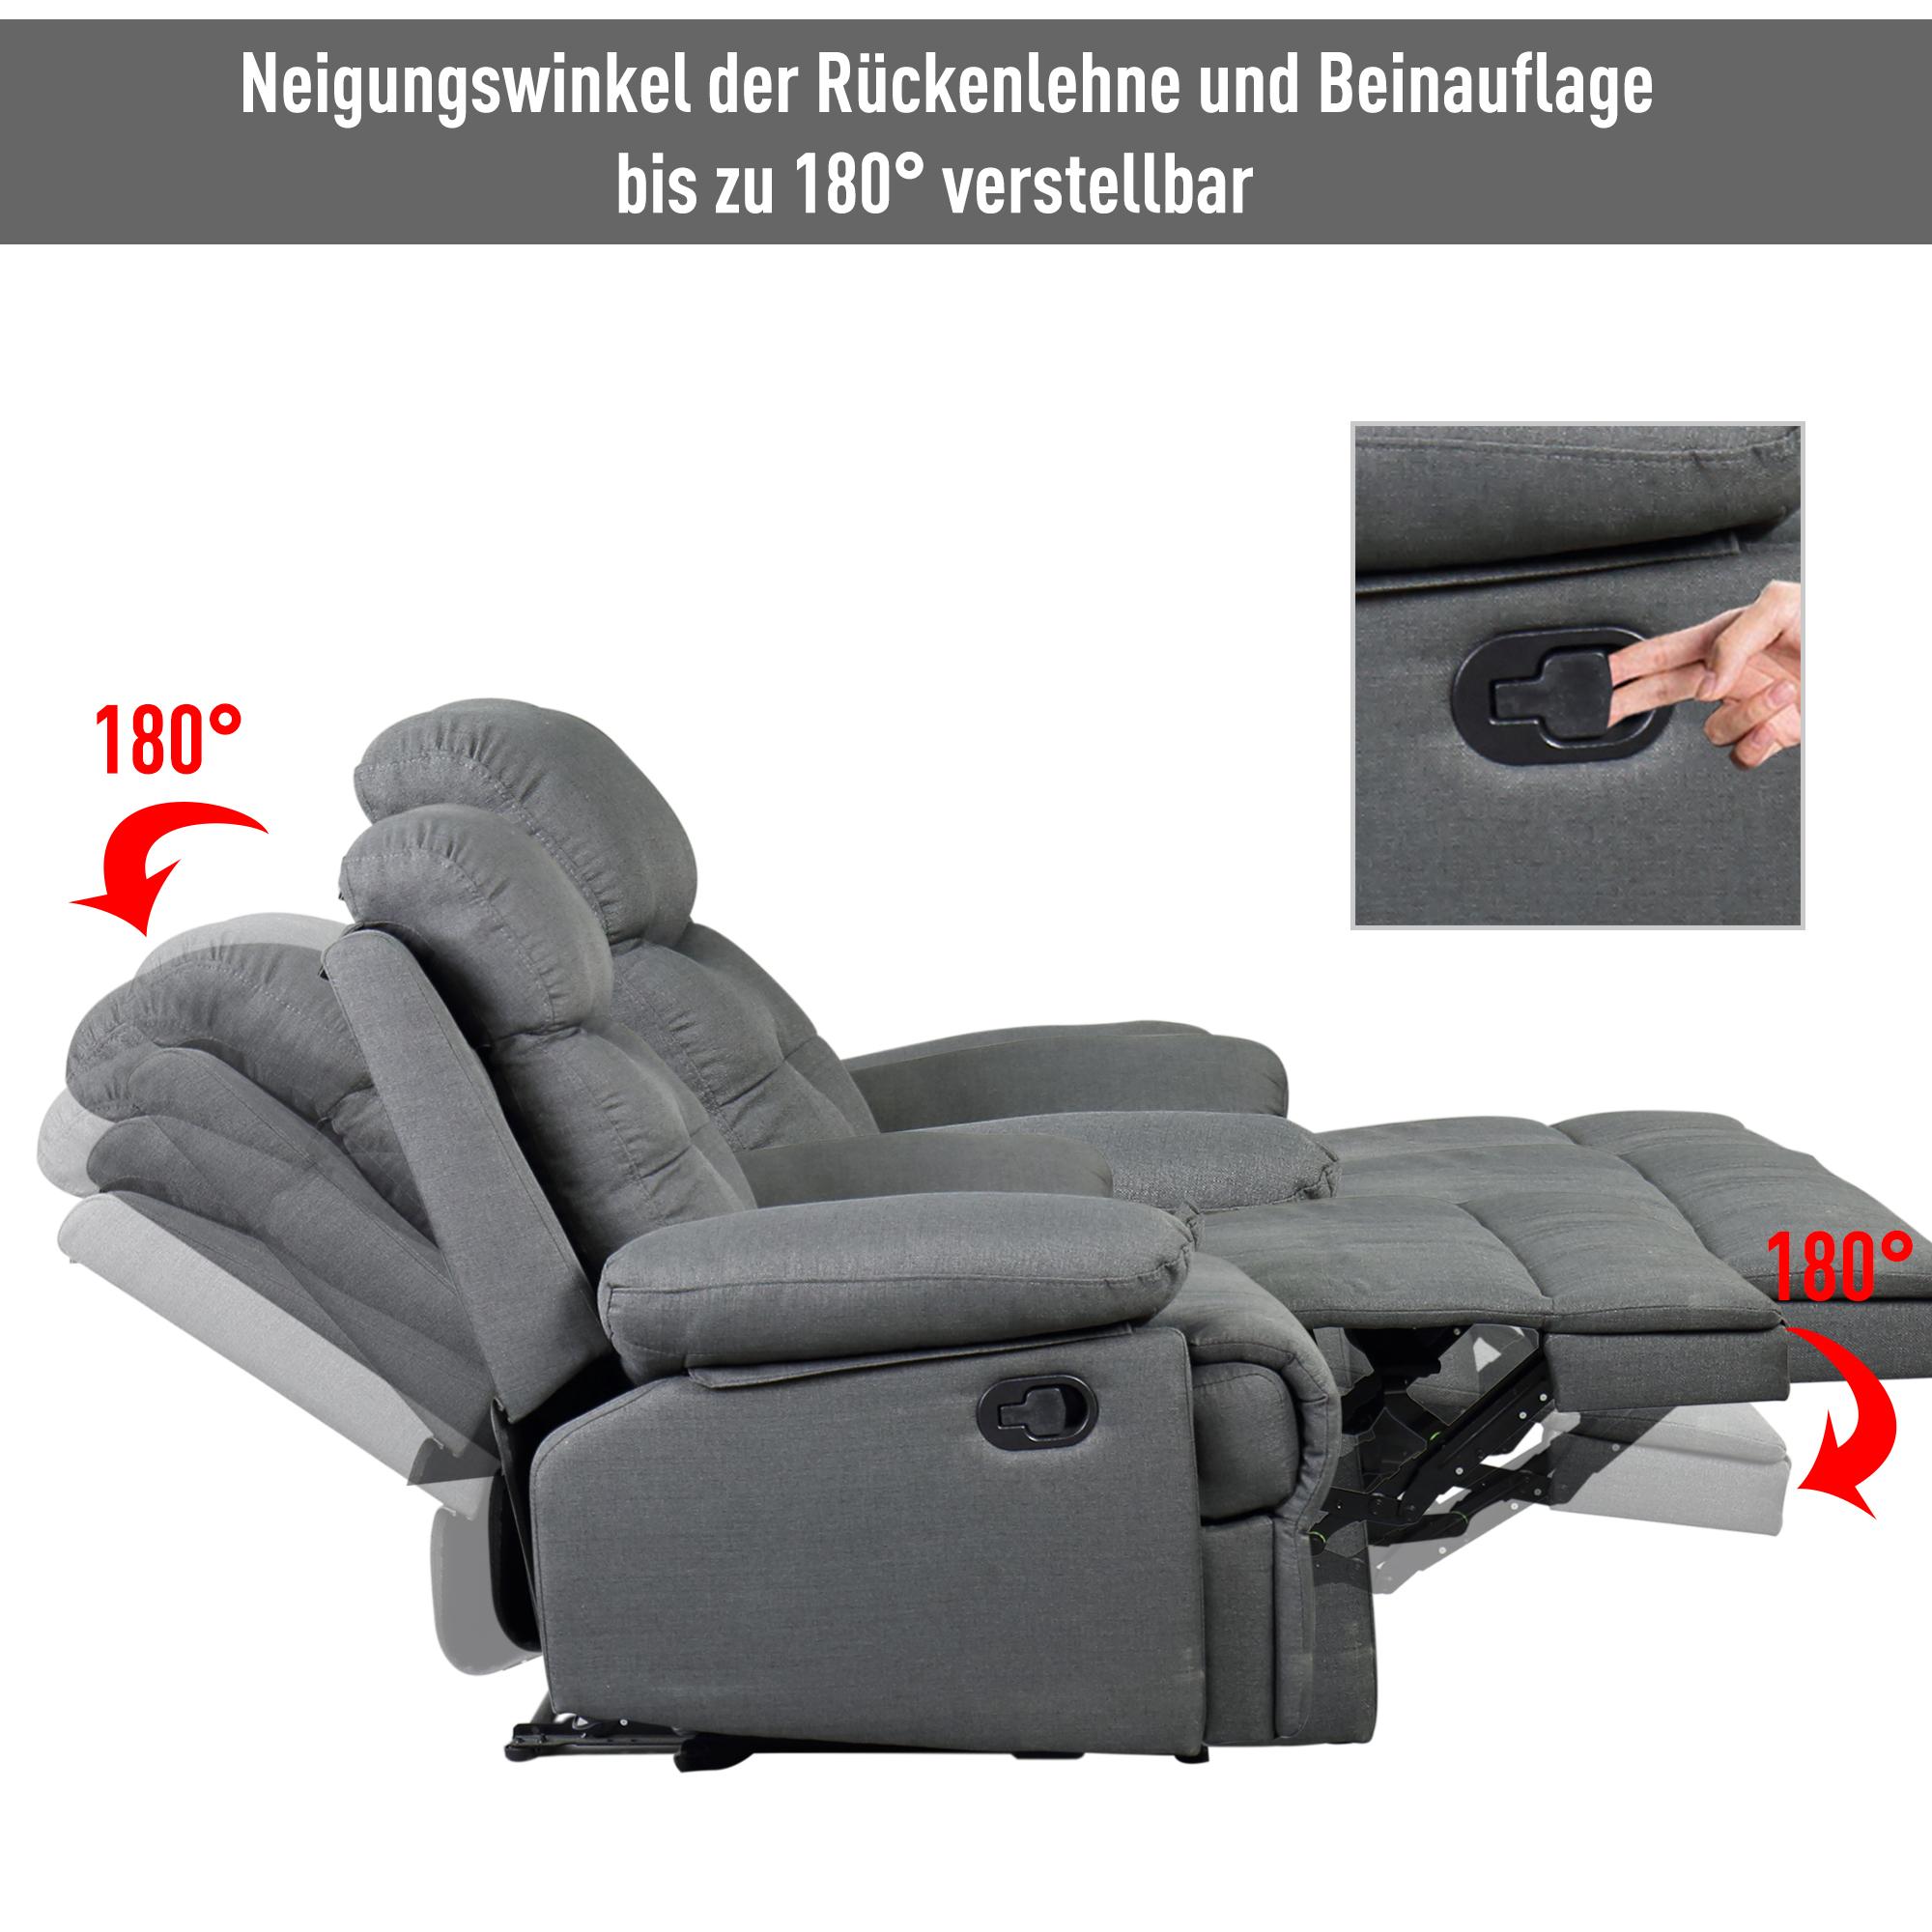 Full Size of Fernsehsessel Tv Sessel Liegesessel Relaxsessel Liegefunktion 180 Sofa Mit Verstellbarer Sitztiefe Wohnzimmer Liegesessel Verstellbar